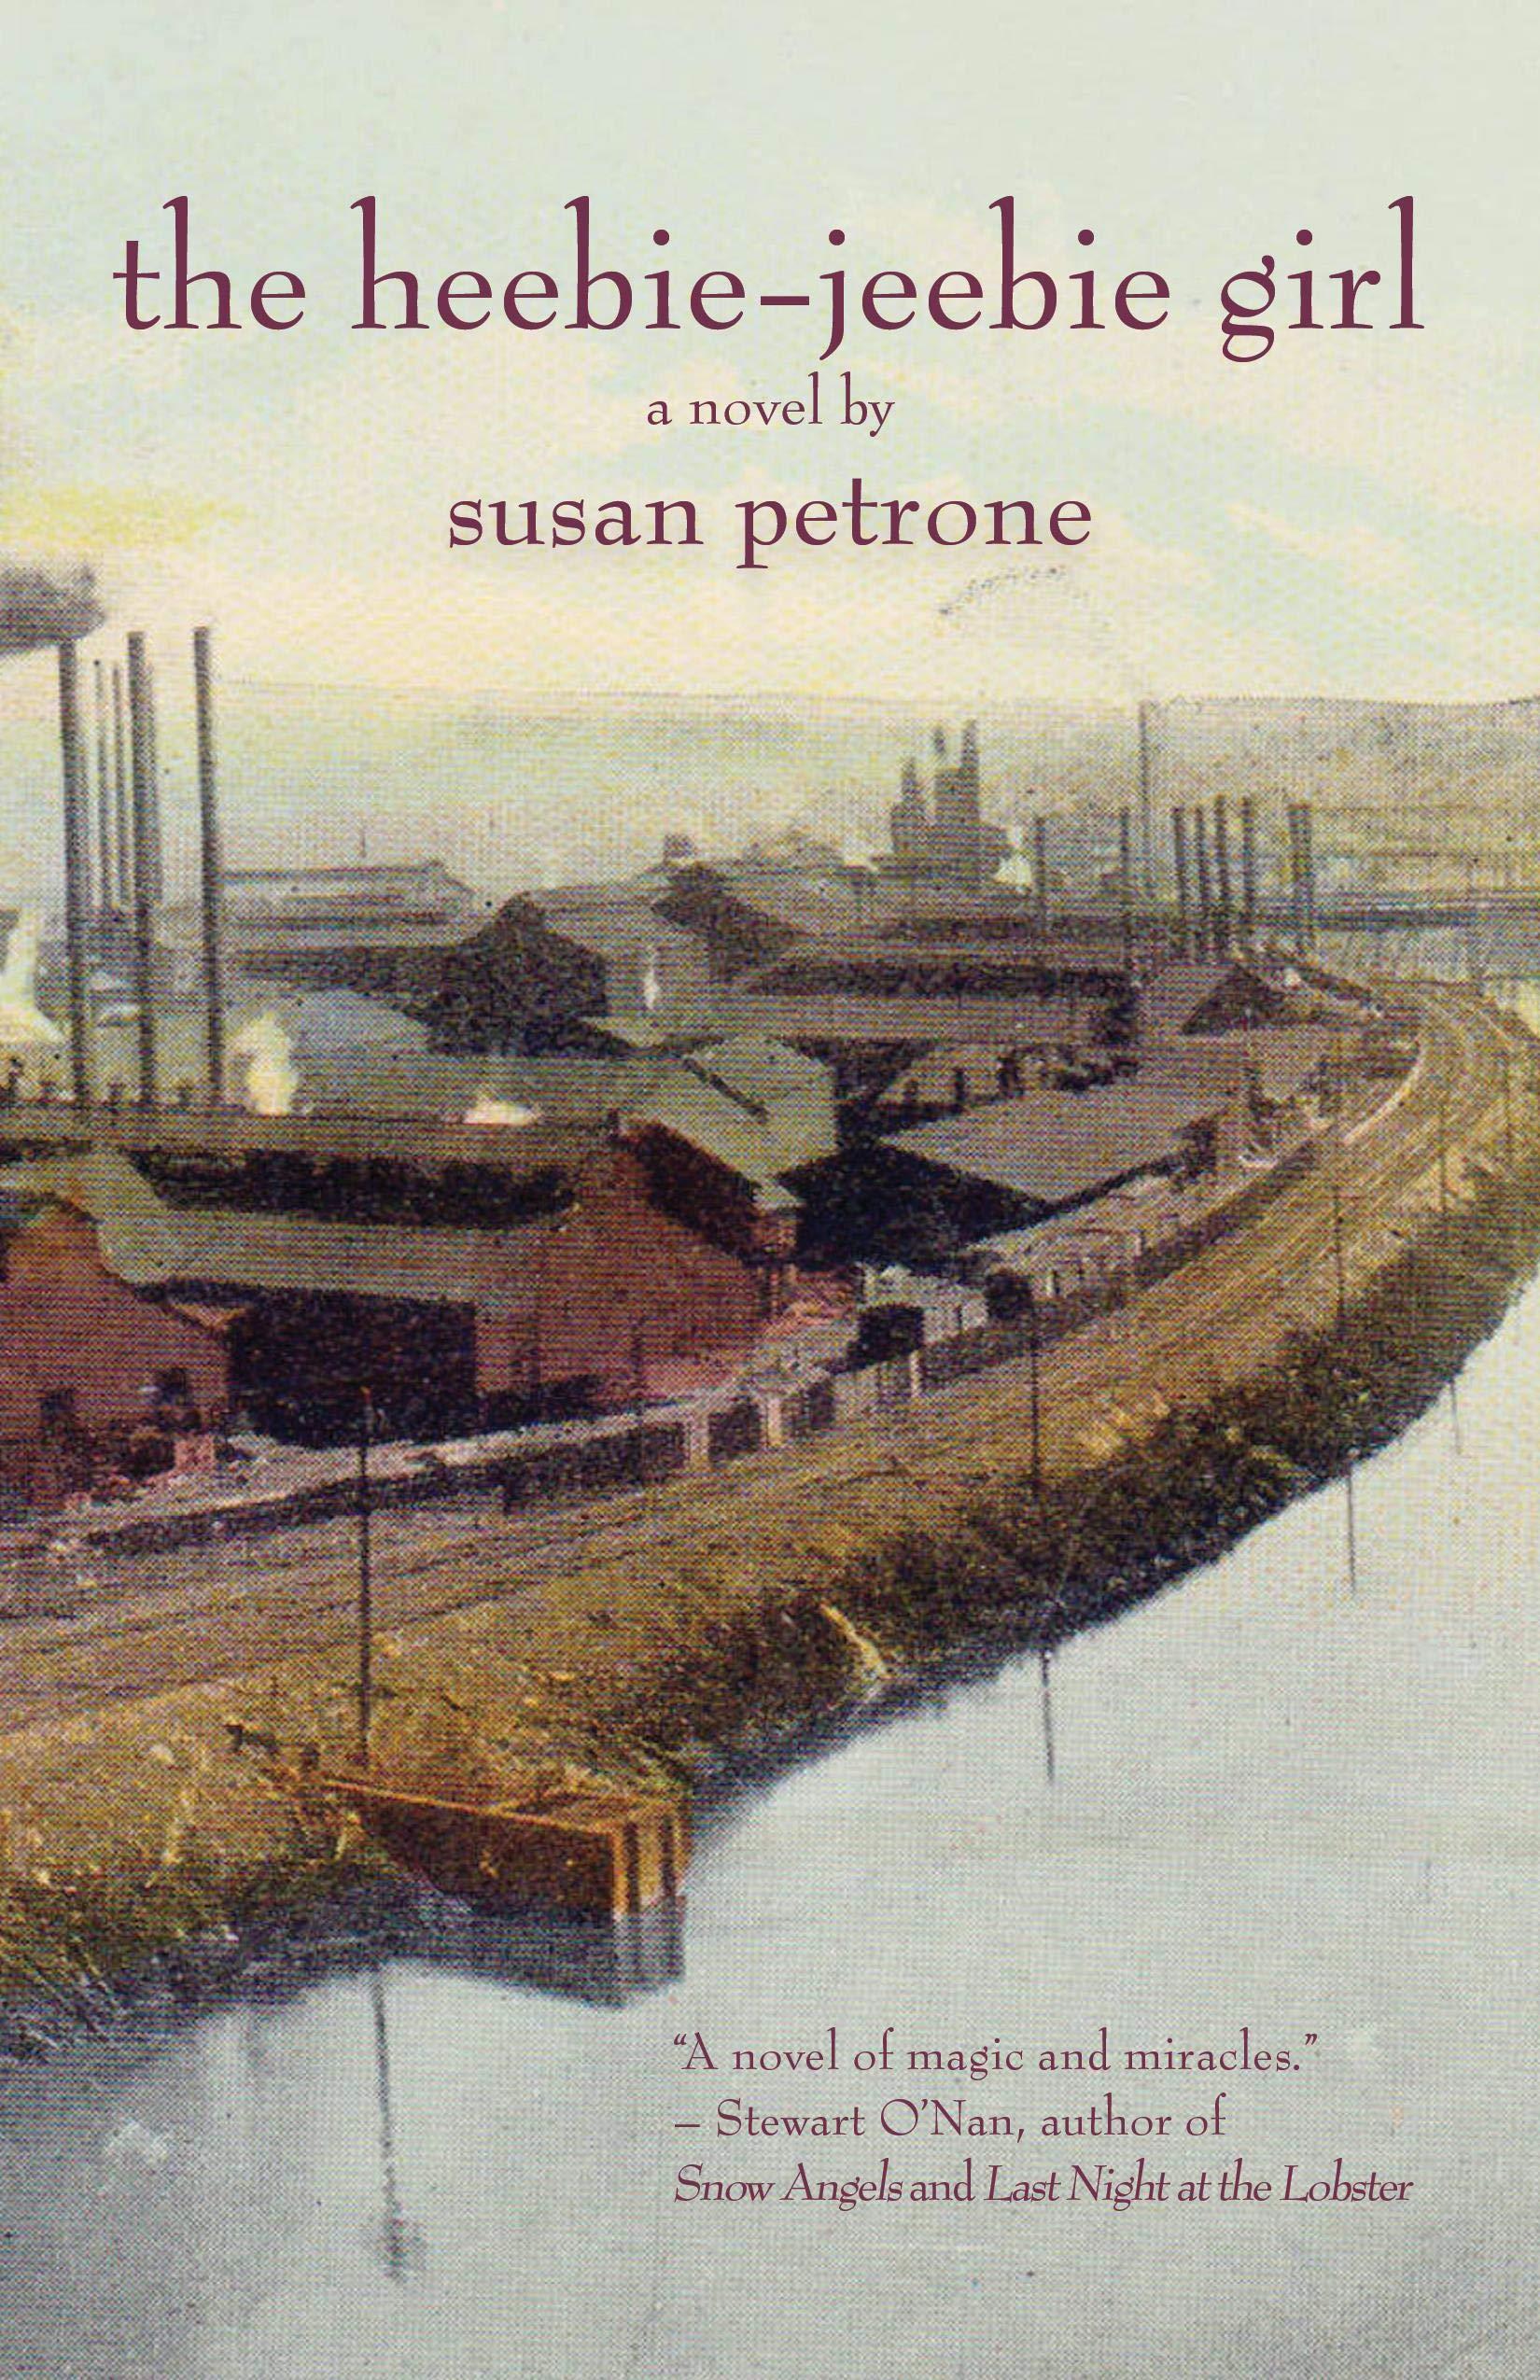 The Heebie-Jeebie Girl: A Novel: Petrone, Susan: 9781611882858: Amazon.com: Books